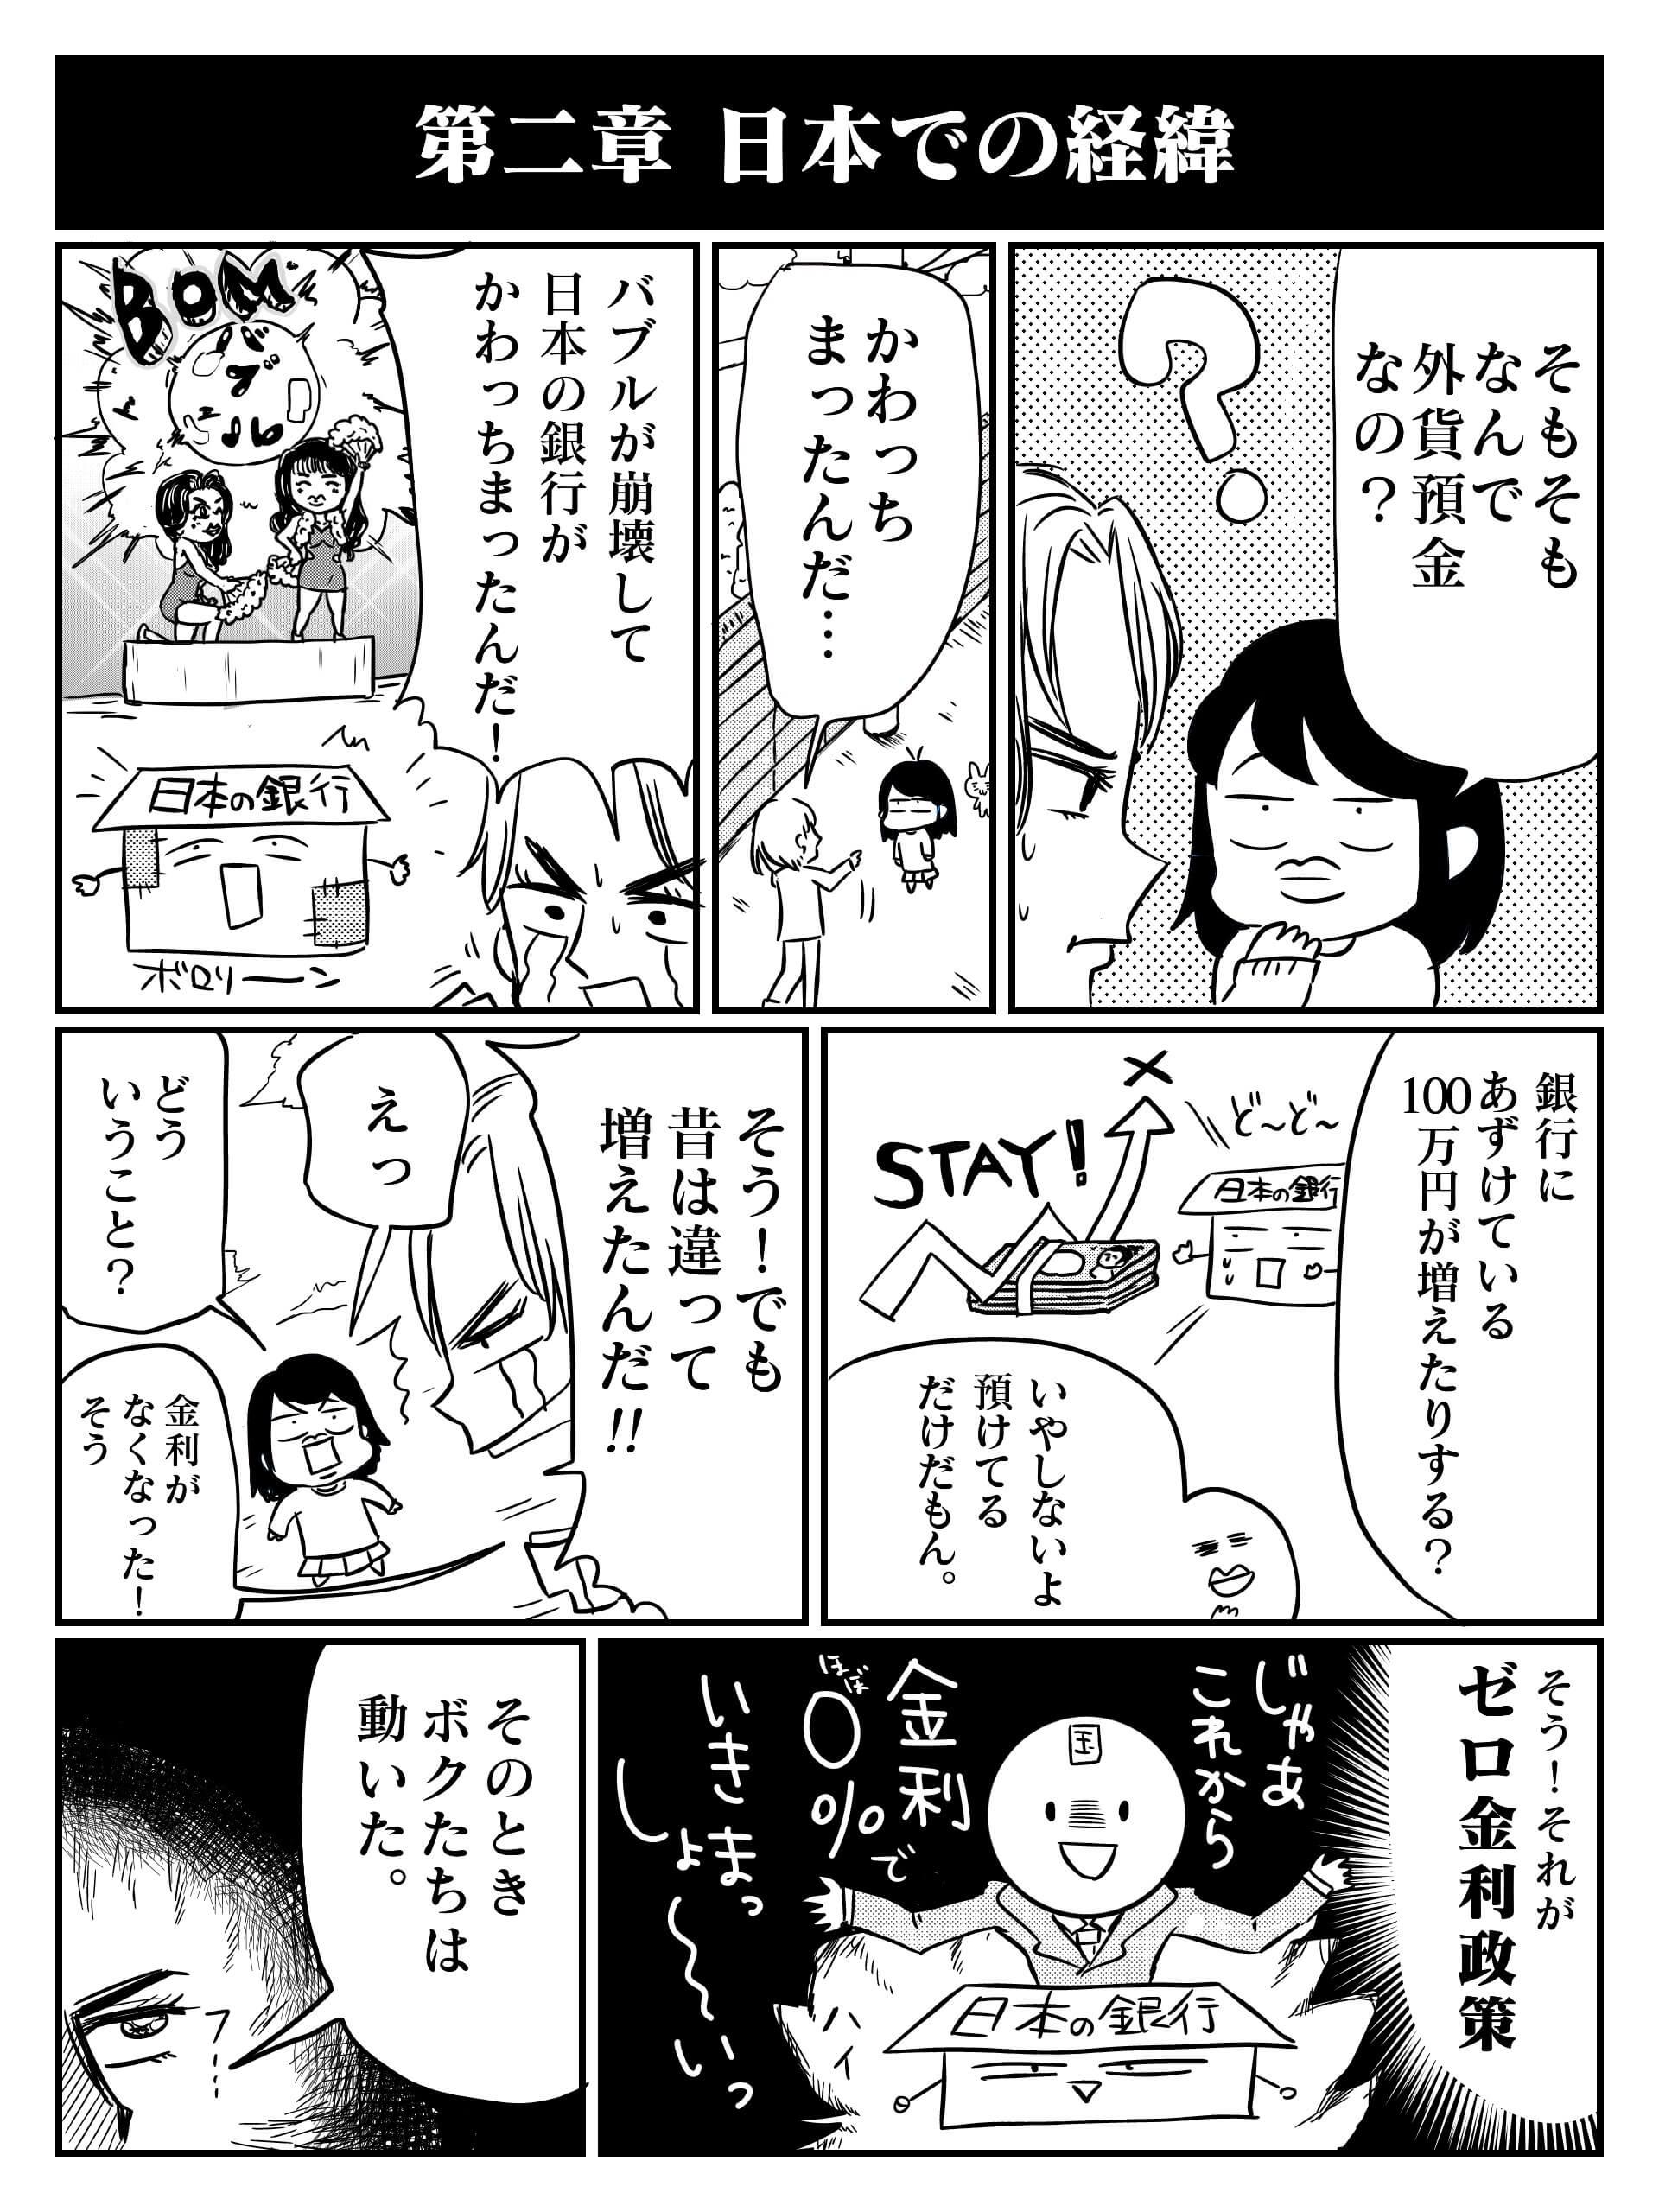 外貨預金漫画4